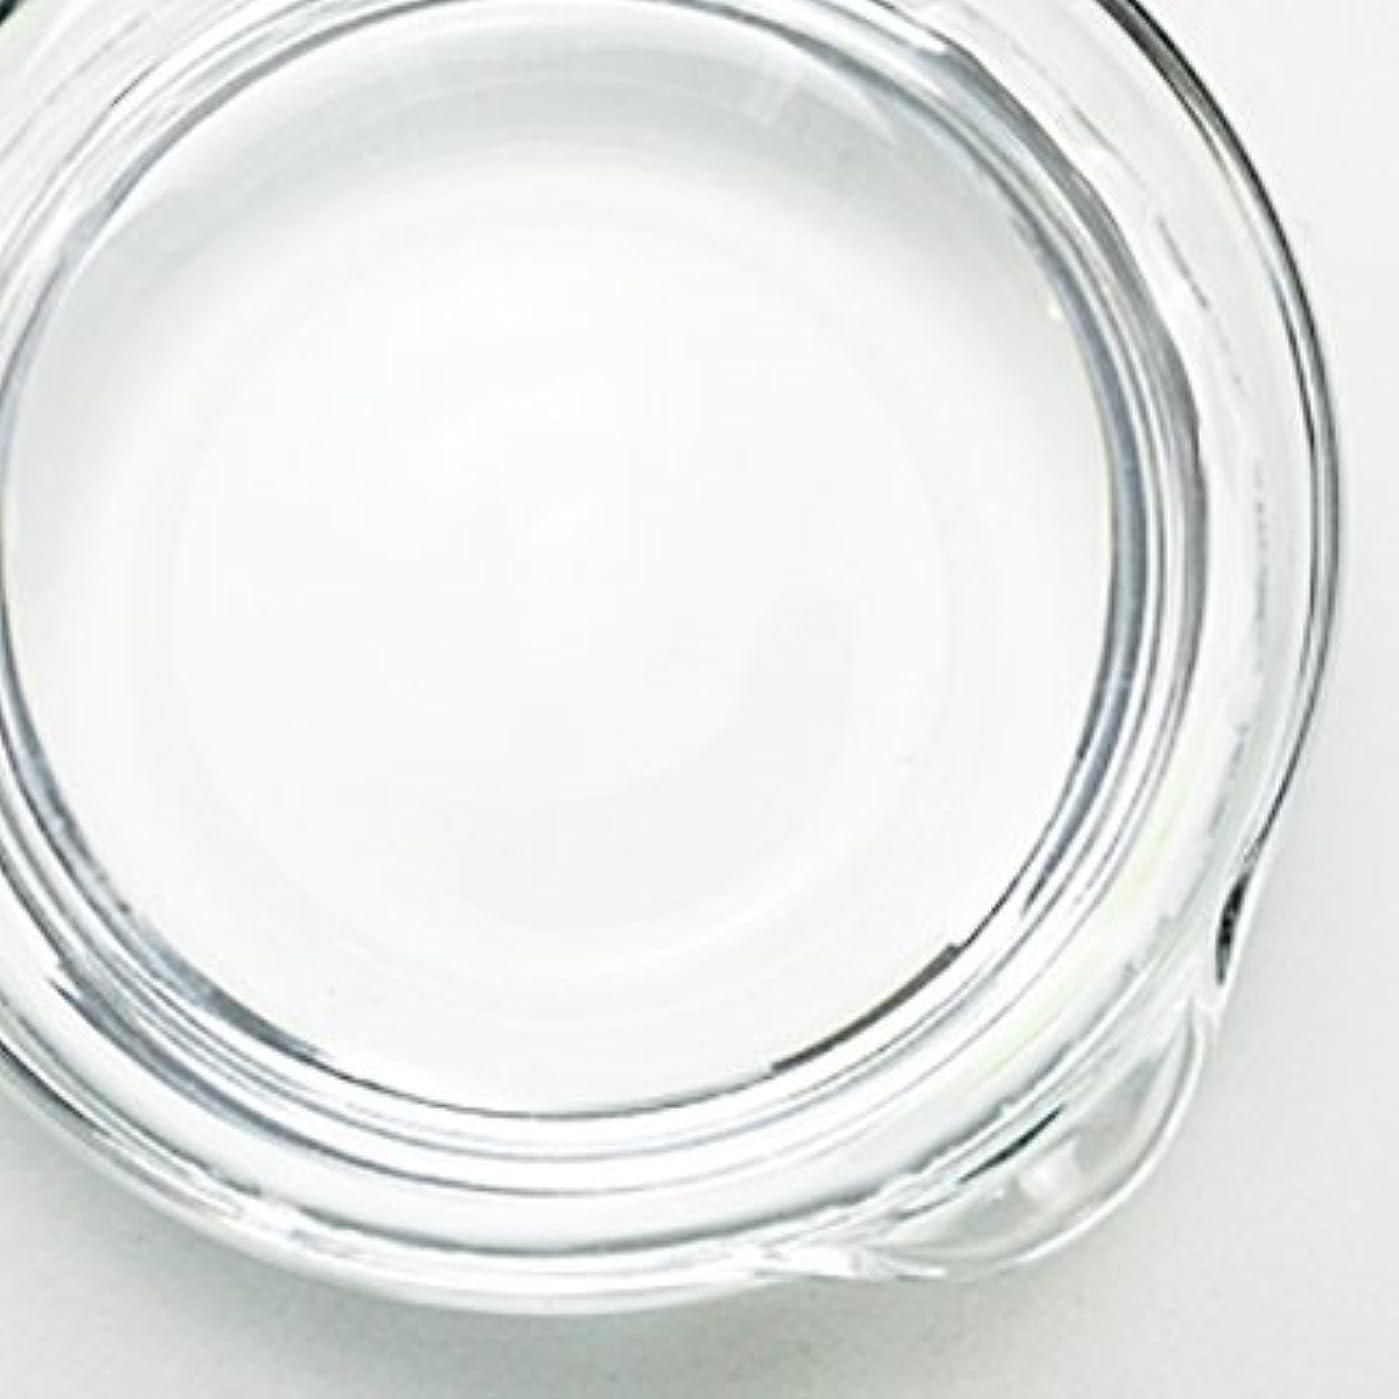 1,3-ブチレングリコール[BG] 100ml 【手作り石鹸/手作りコスメ】